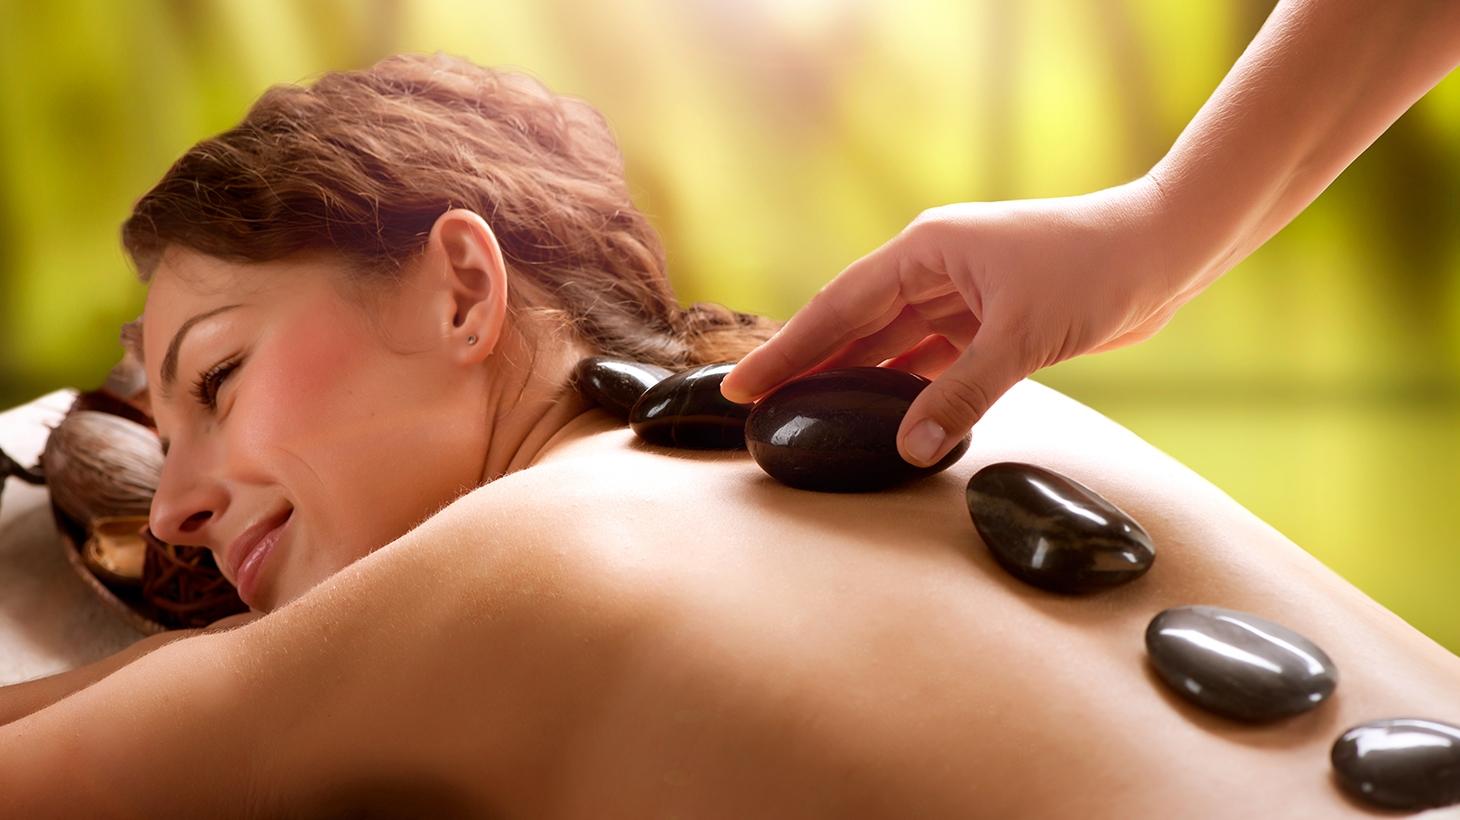 Woman having a hot stone massage